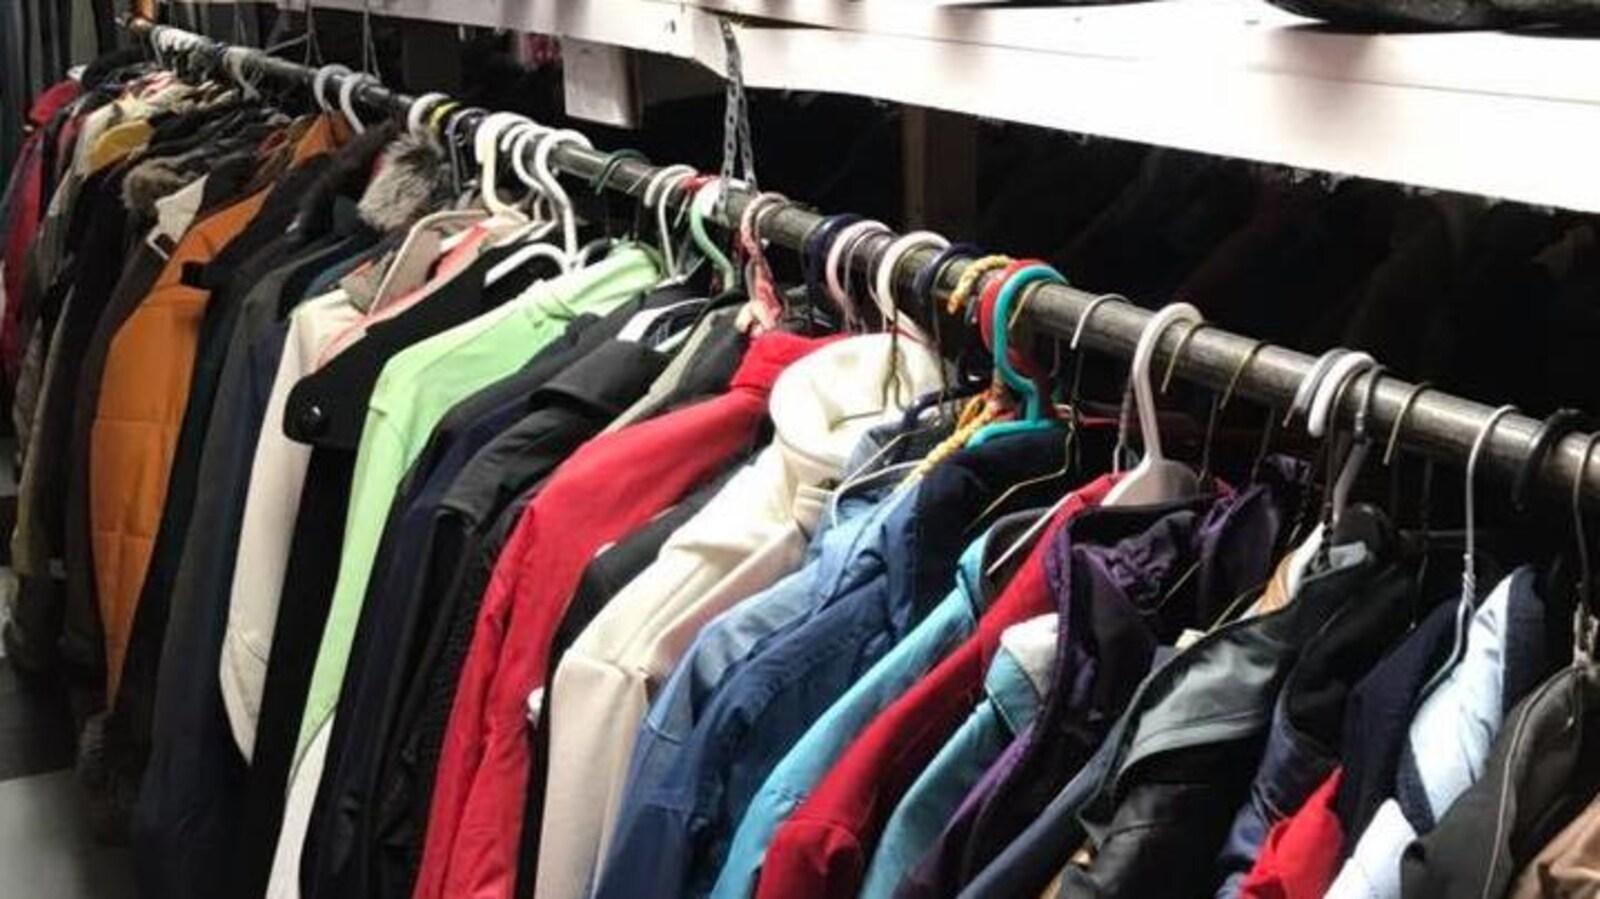 Des vêtements sont disposés dans une friperie.